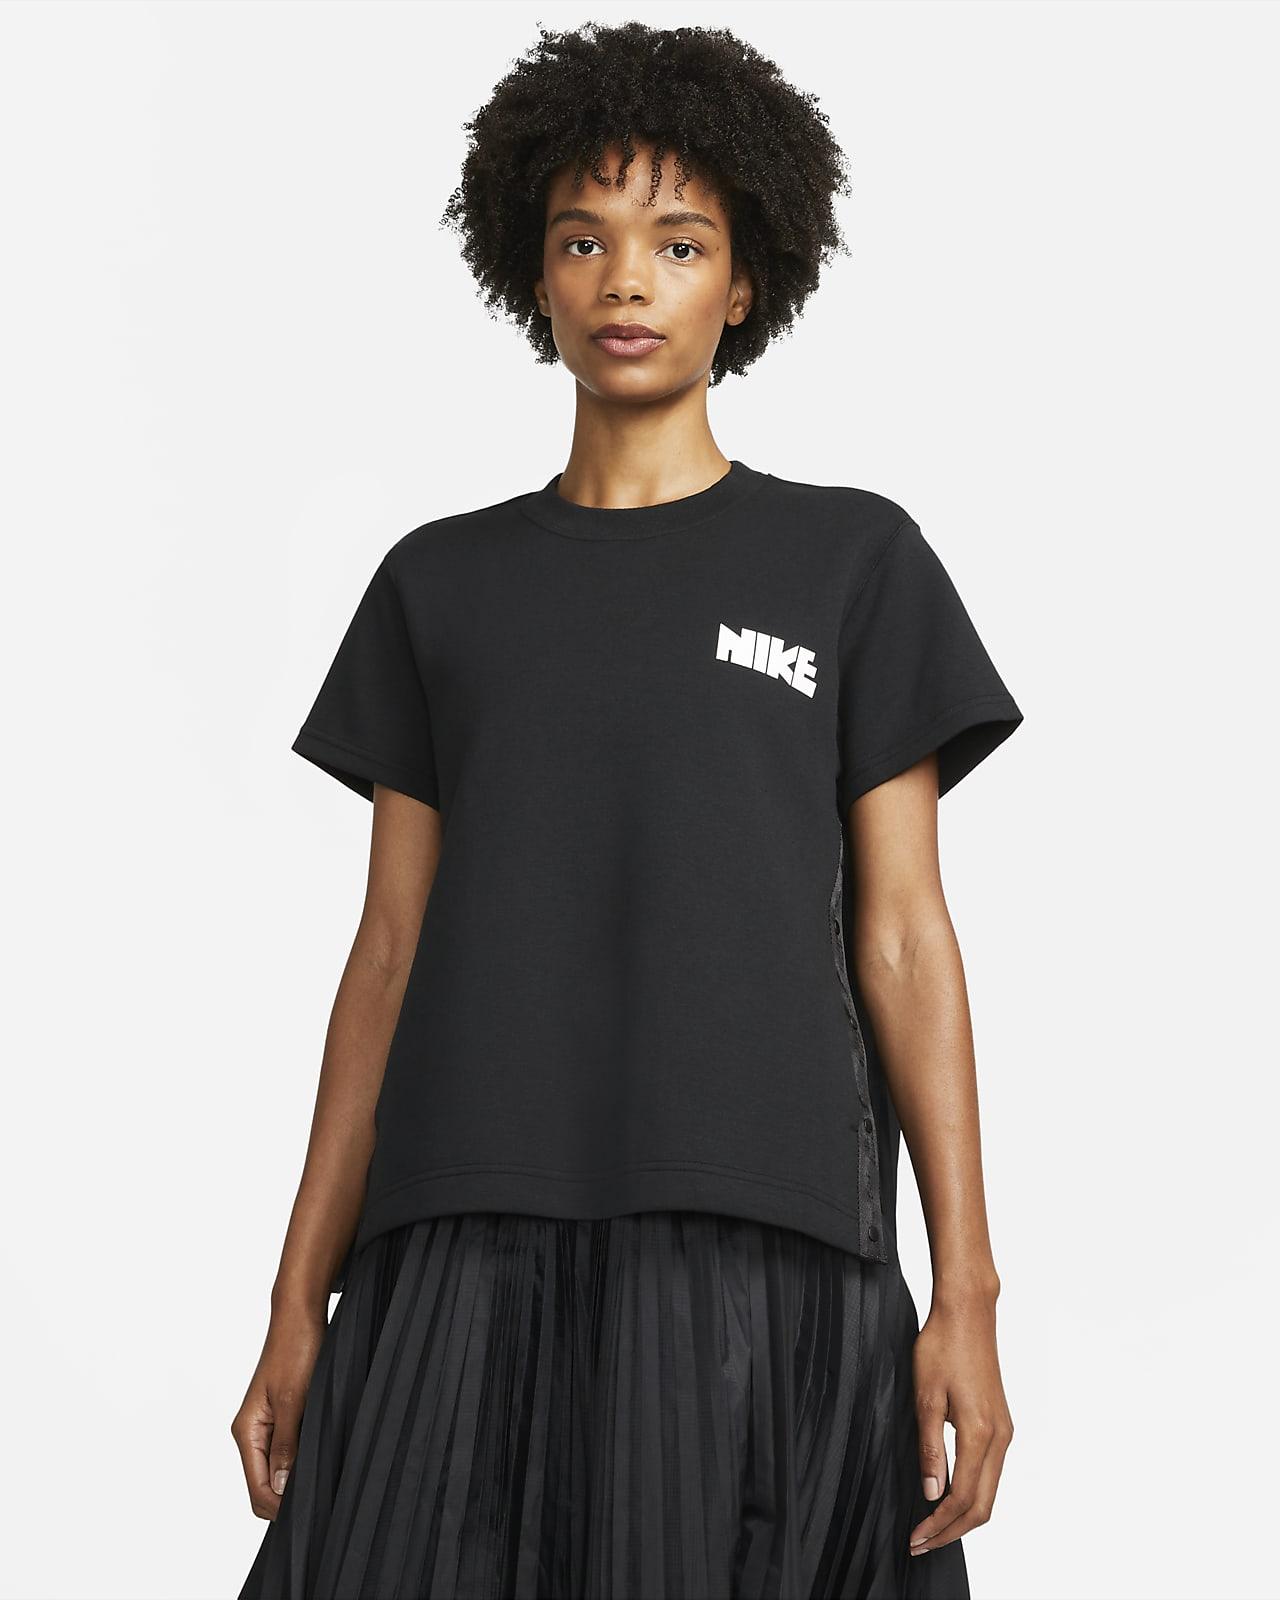 เสื้อผู้หญิง Nike x sacai